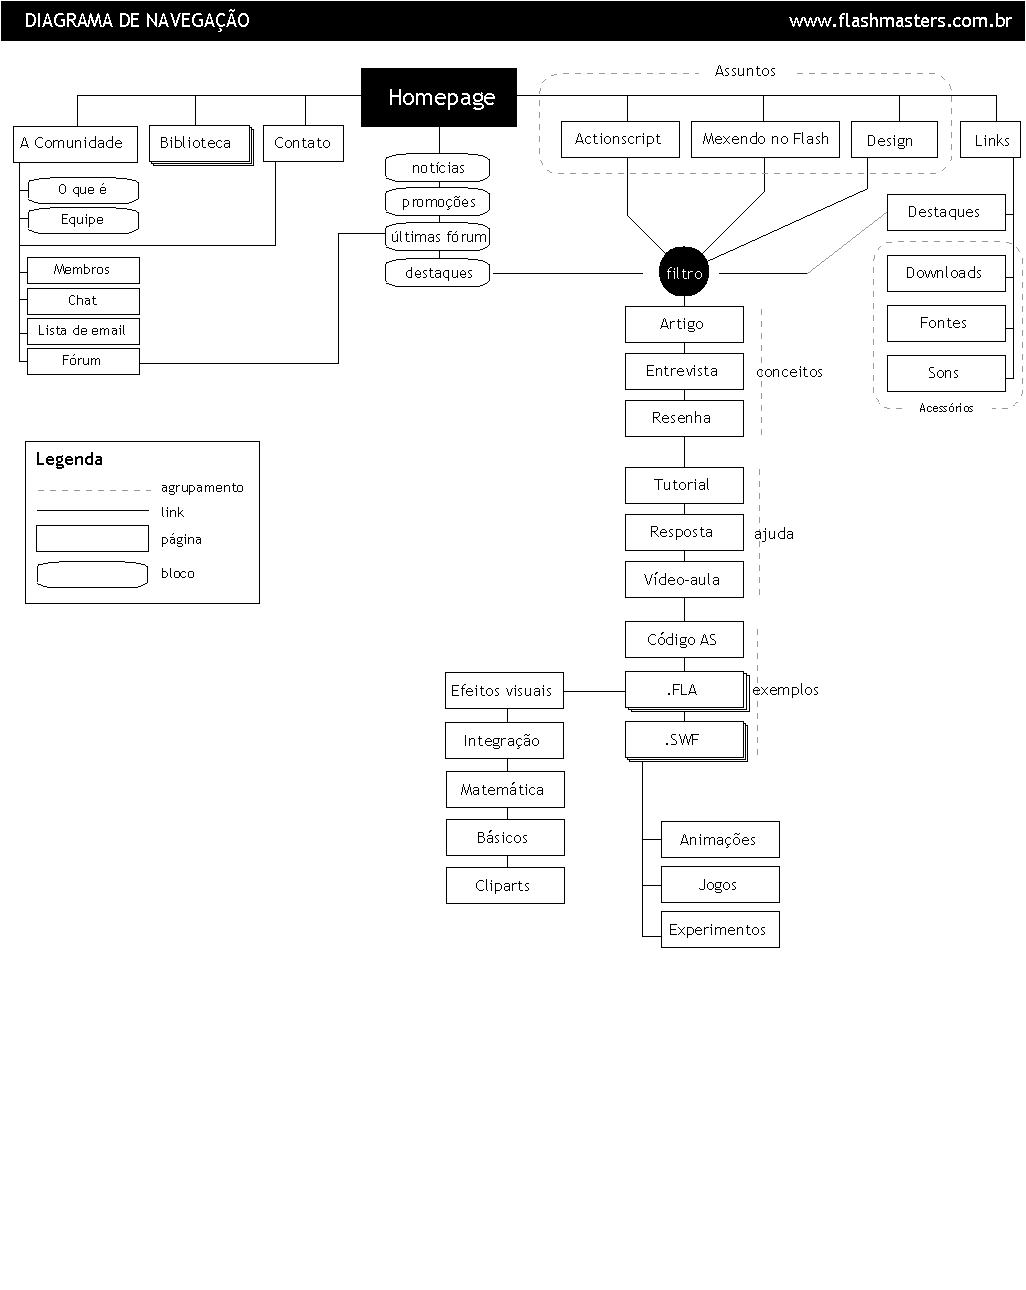 Arquitetura Da Informação Usabilidoido